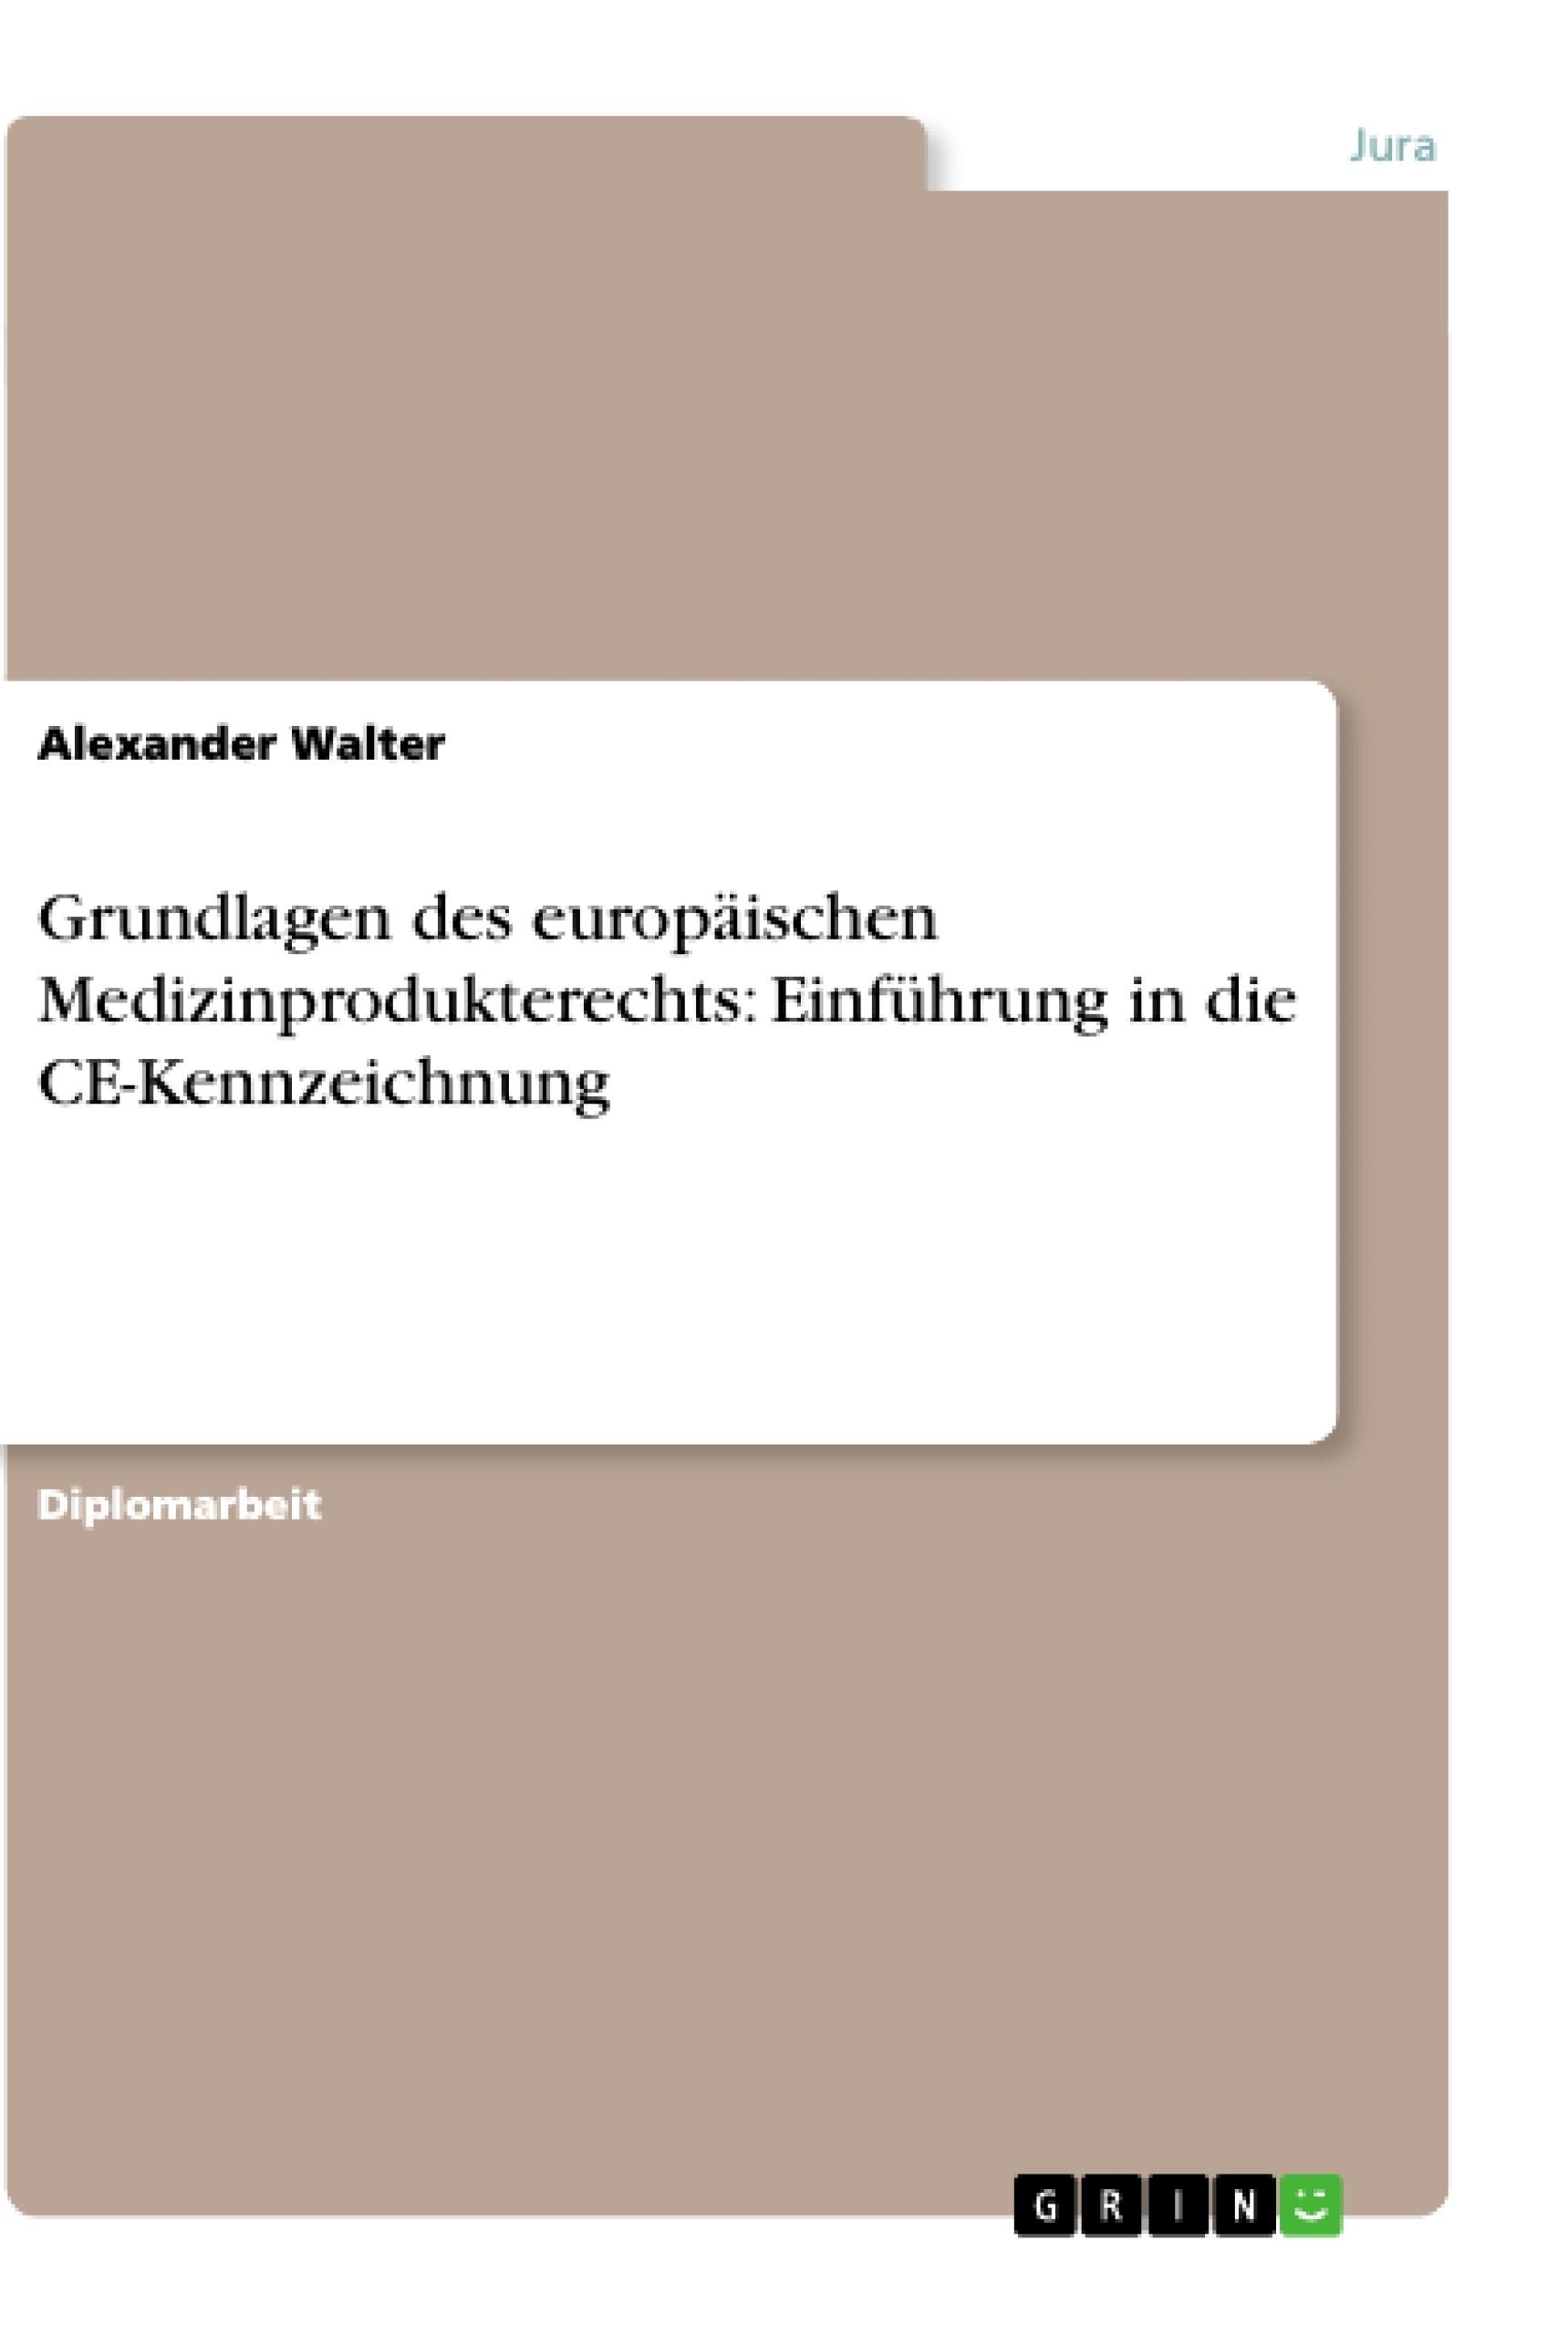 Titel: Grundlagen des europäischen Medizinprodukterechts: Einführung in die CE-Kennzeichnung